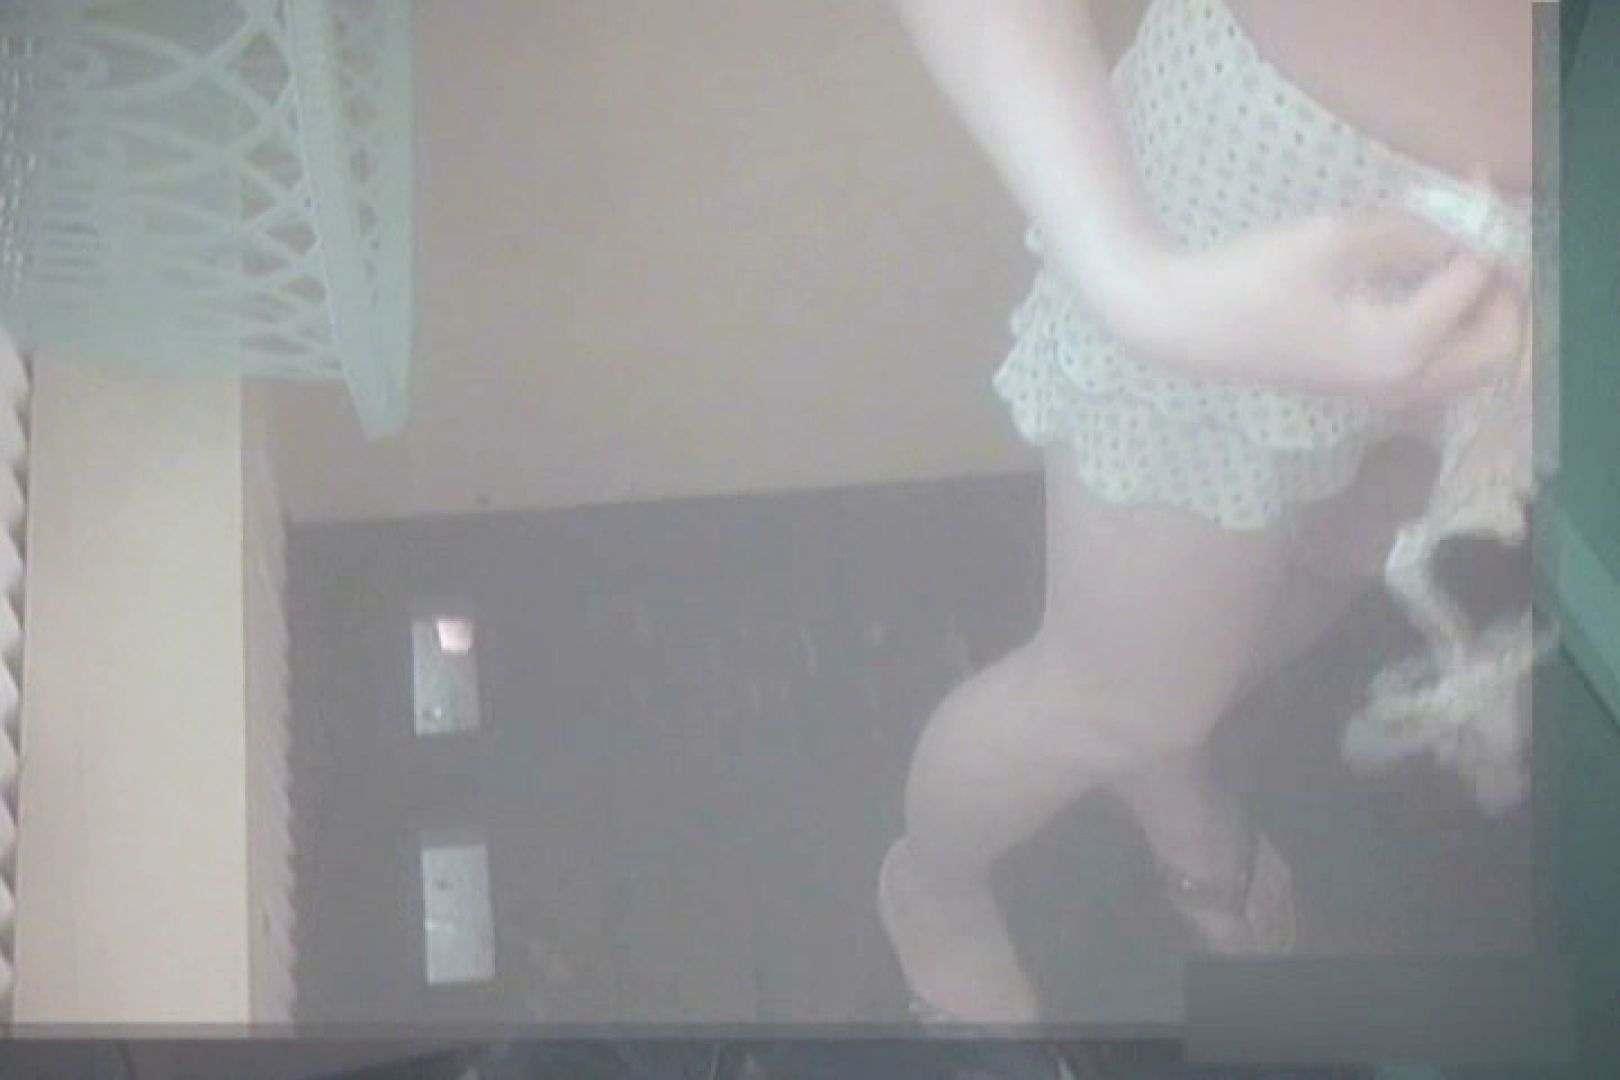 夏海シャワー室!ベトベトお肌をサラサラに!VOL.07 美女 性交動画流出 61連発 20